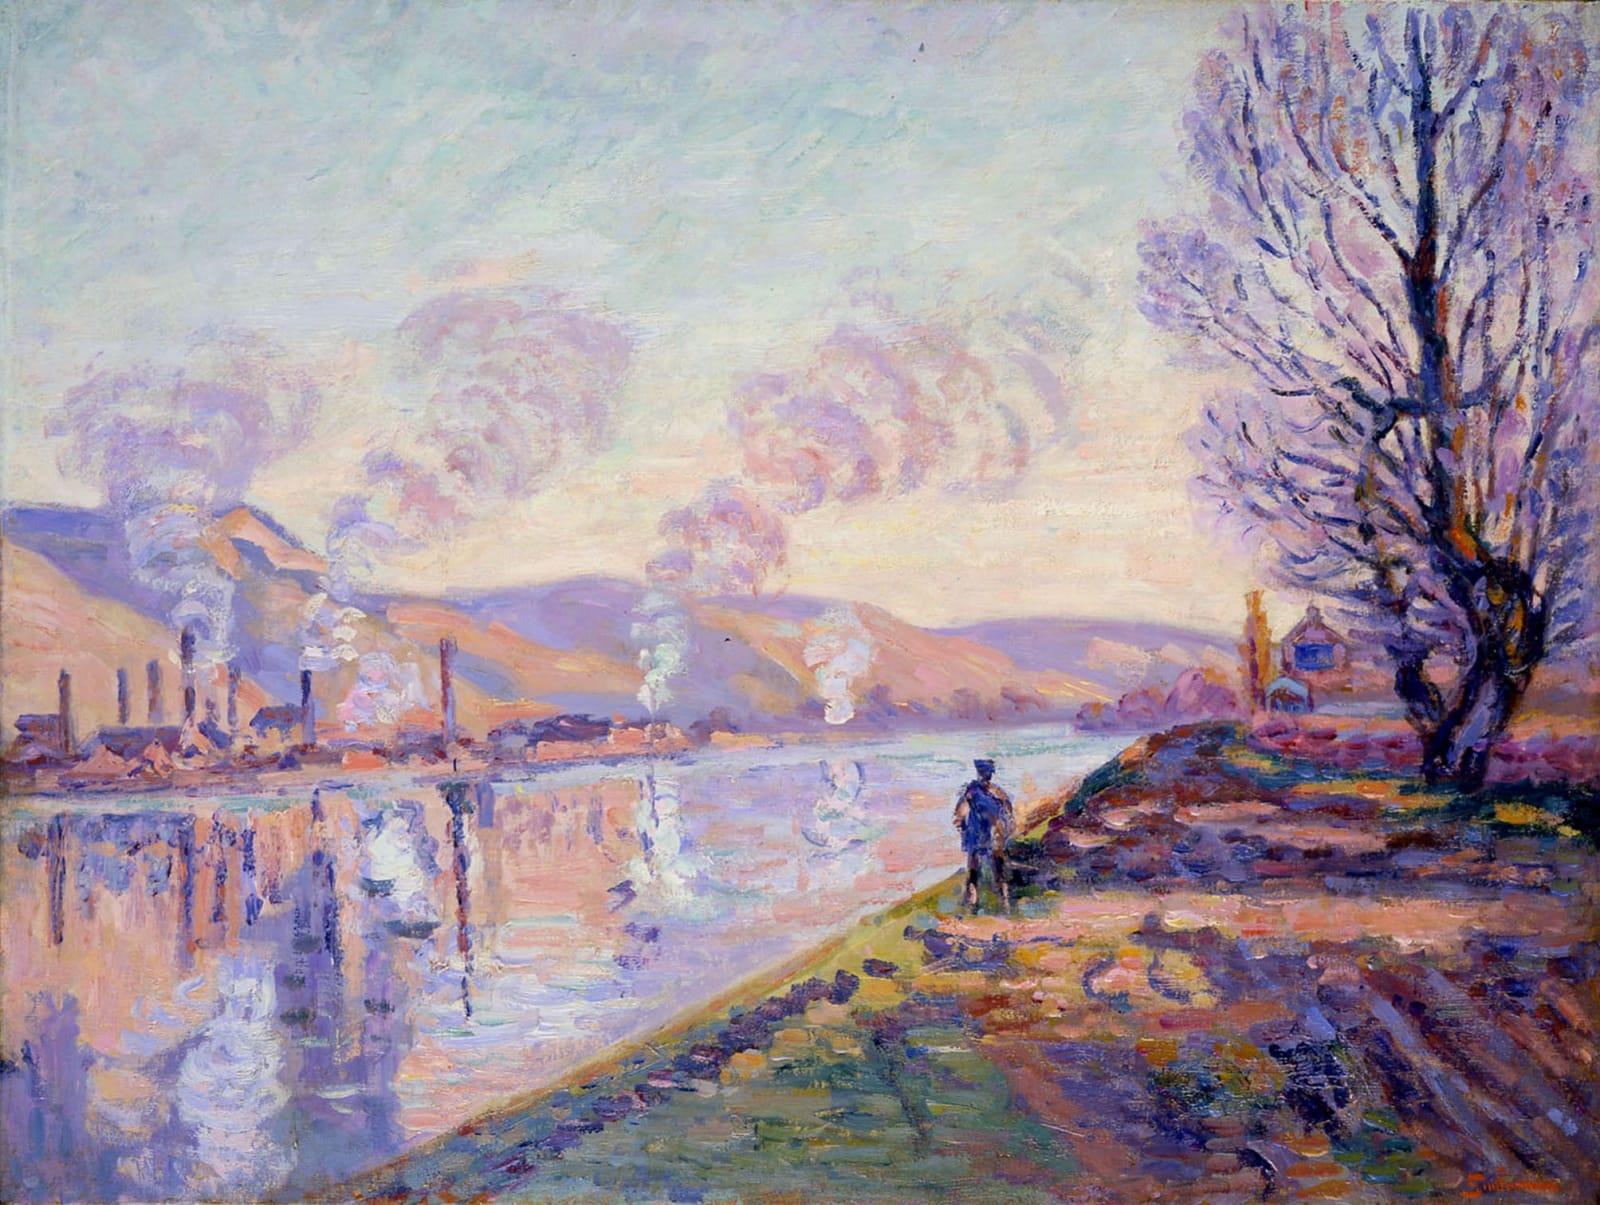 Armand Guillaumin La Seine en amont de Rouen, c.1890 49 x 65 cm 19 3/4 x 25 1/2 inches Oil on canvas Sold by the gallery